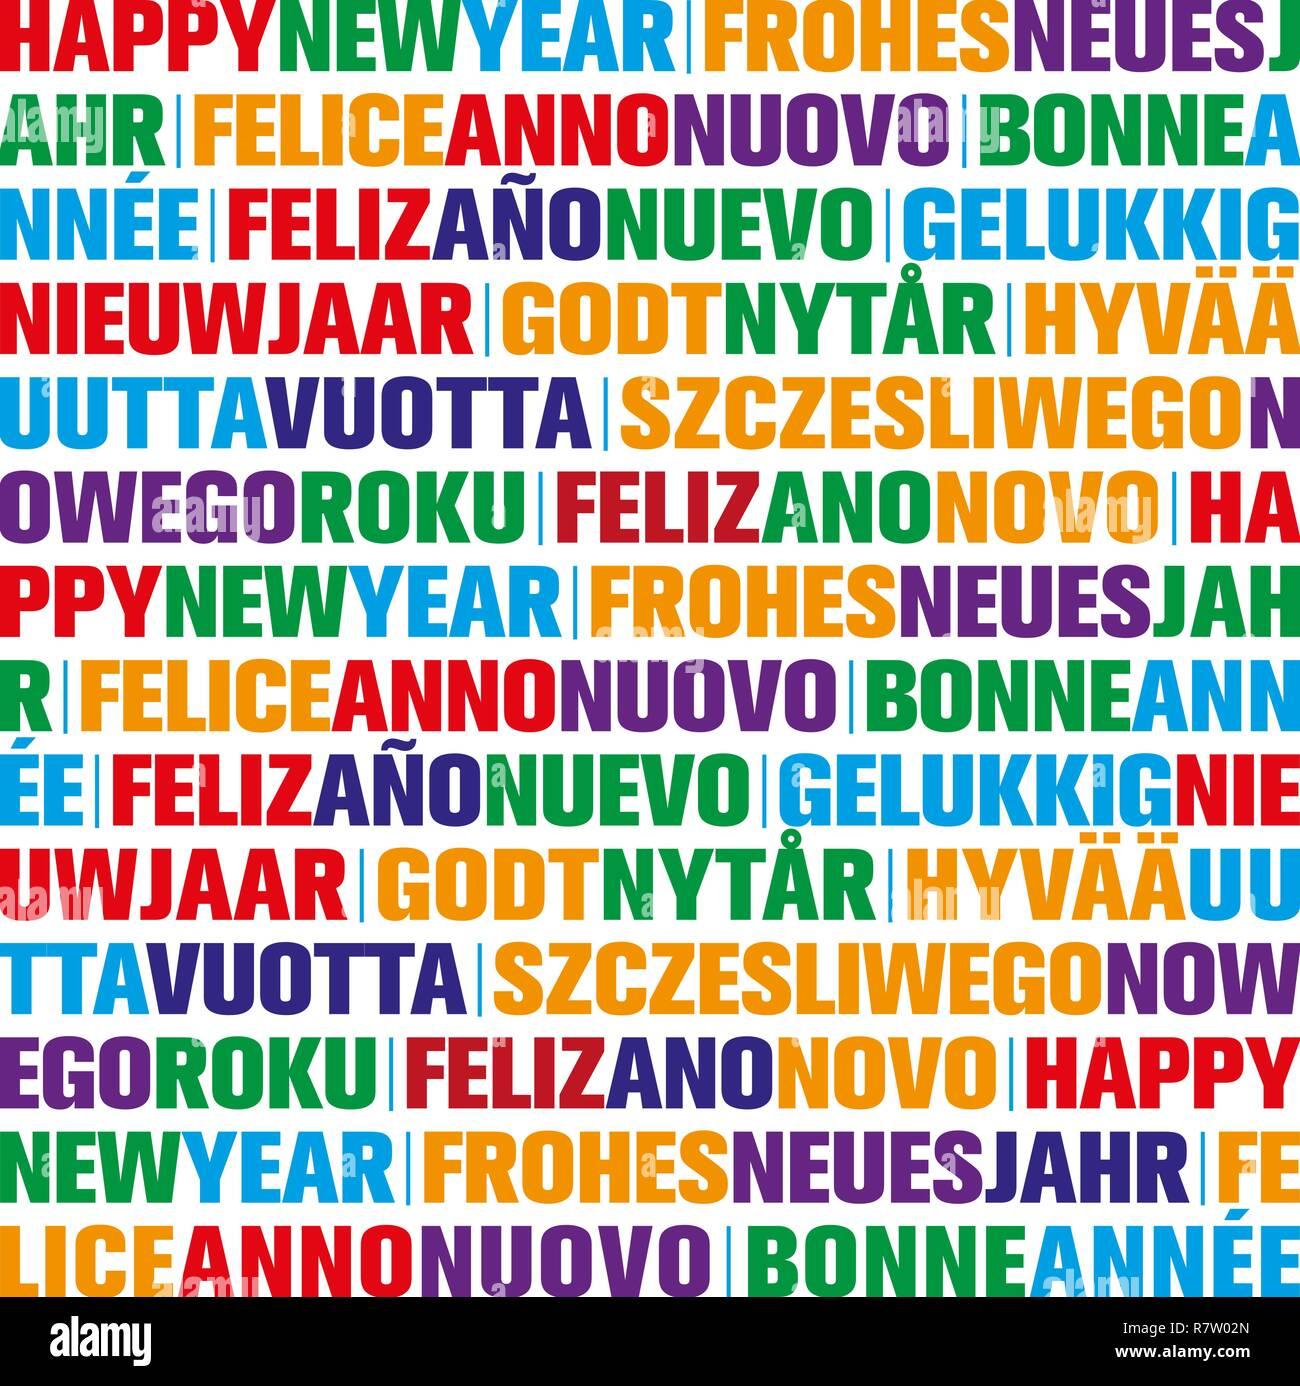 Frohe Weihnachten Und Ein Glückliches Neues Jahr In Allen Sprachen.Grußkarte Auf Spanisch Stockfotos Grußkarte Auf Spanisch Bilder